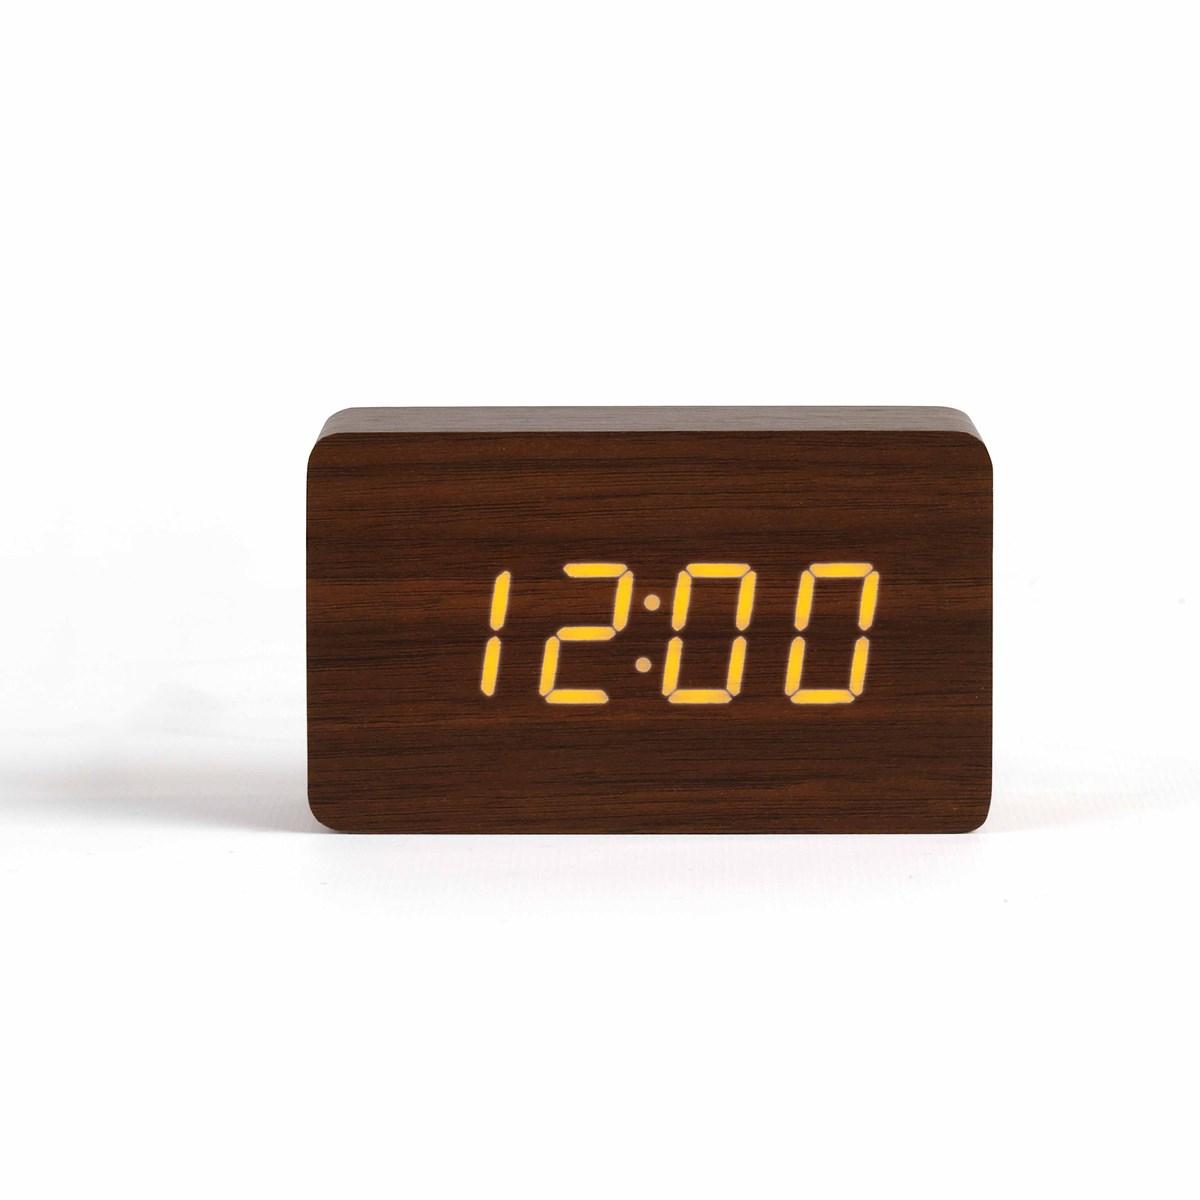 Horloge digitale aspect bois clair en plastique marron